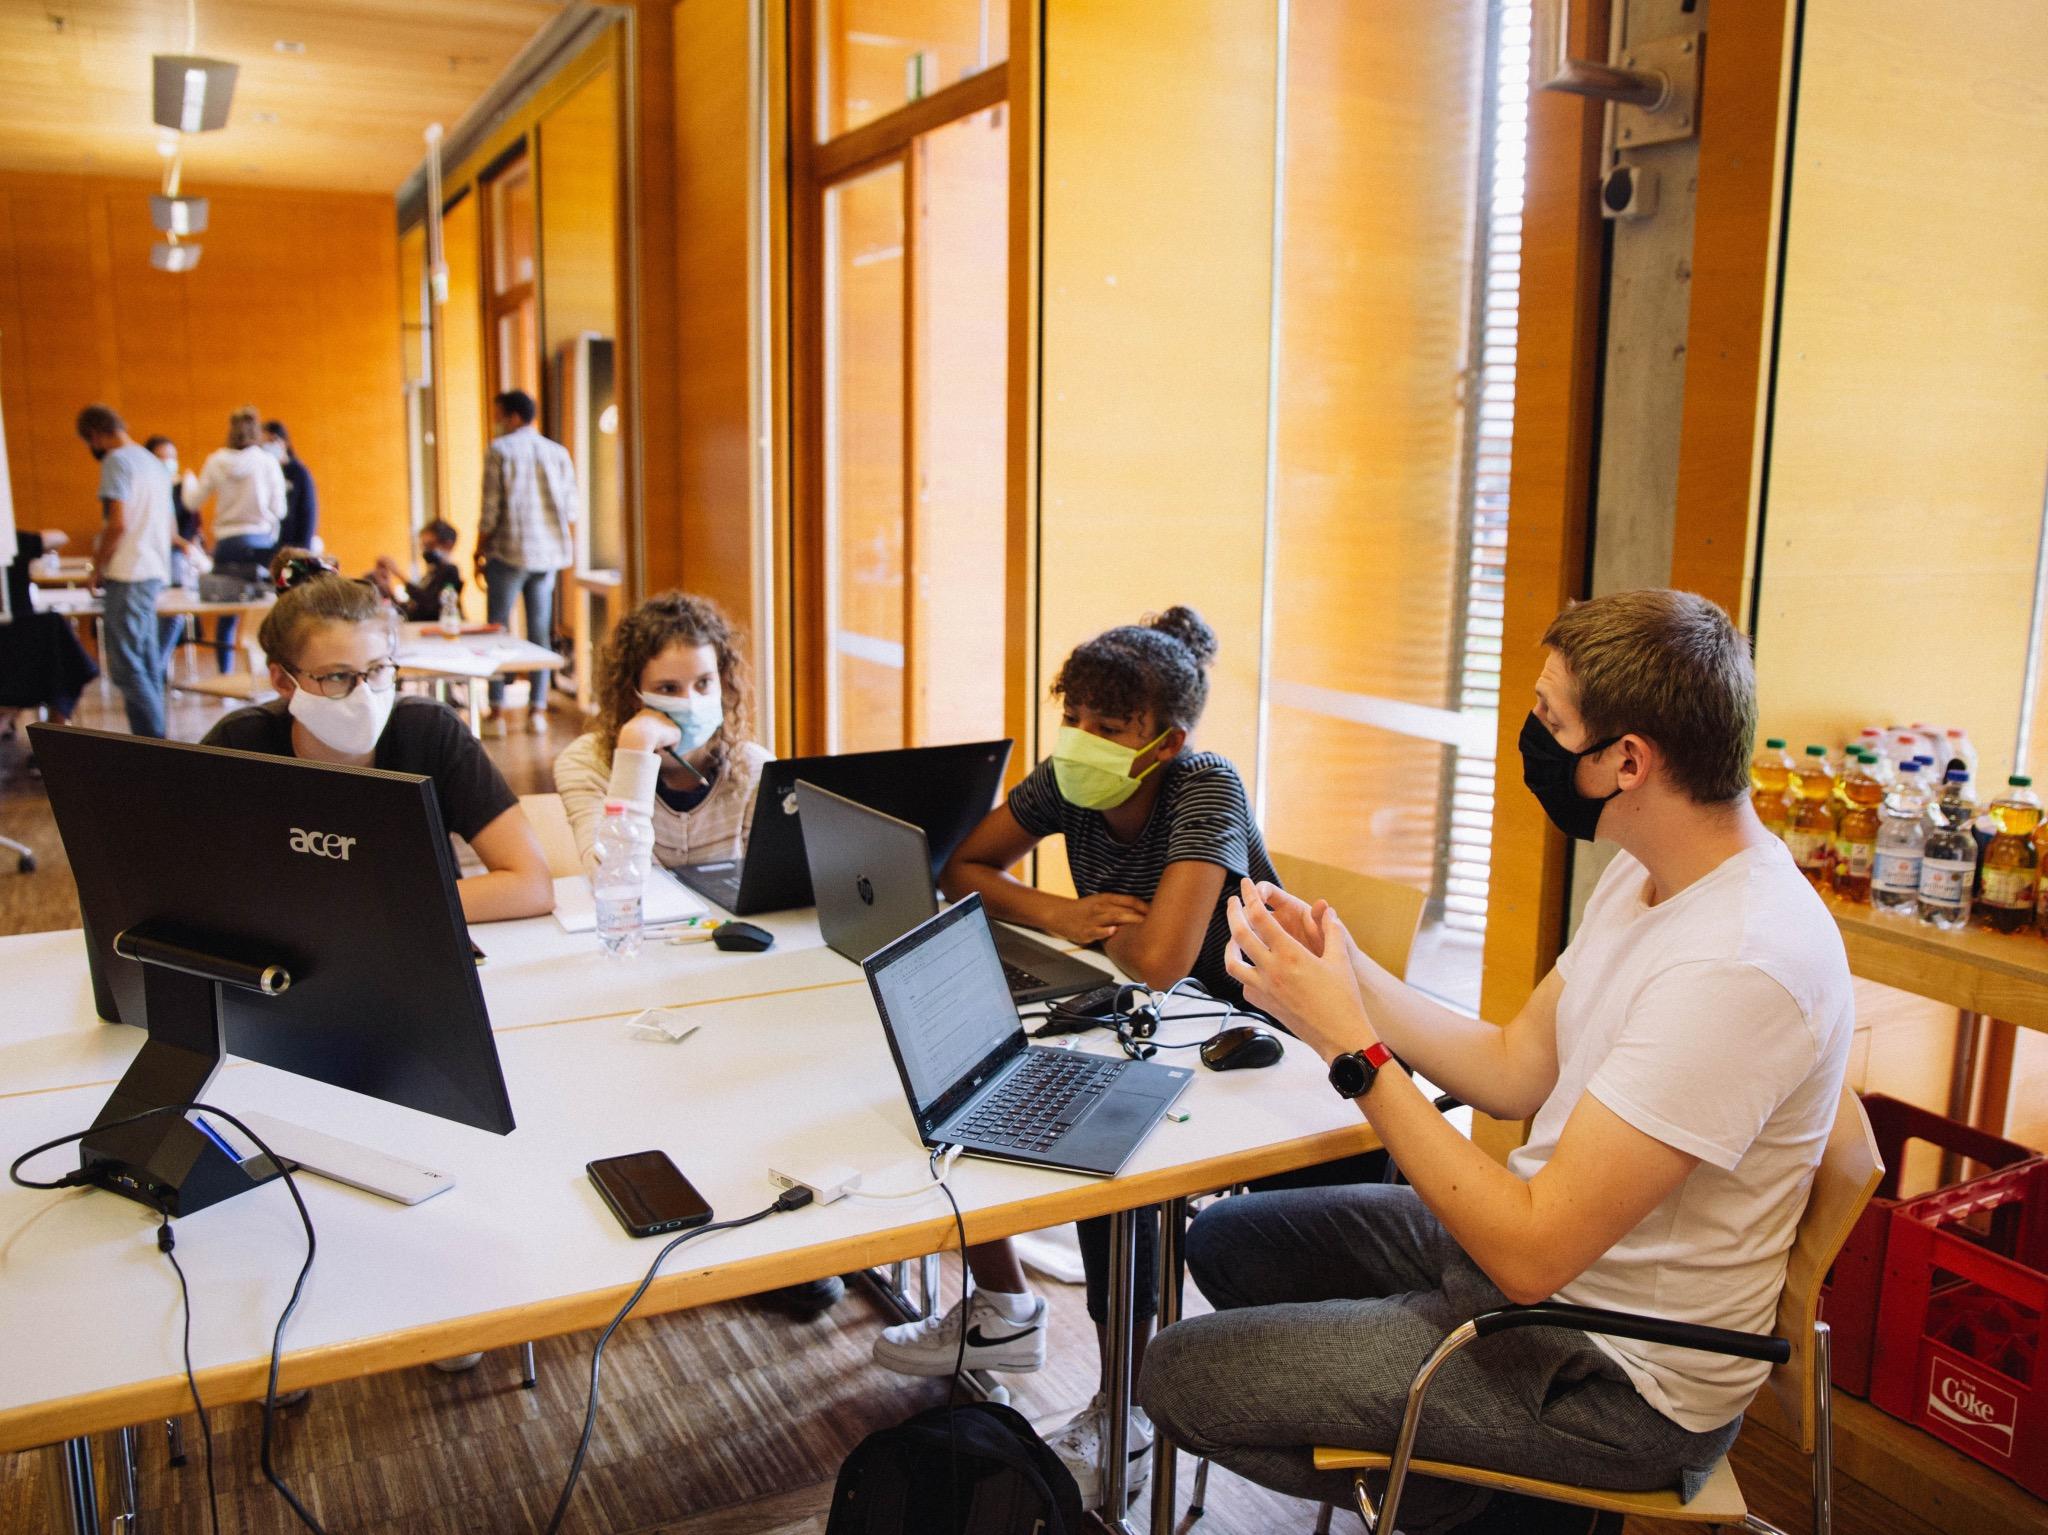 Das Aelius Förderwerk unterstützt junge Menschen aus benachteiligten Haushalten dabei beim Bildungsweg und bieten hierfür Workshops und Beratungsangebote an. Foto: Aelius Förderwerk e.V.